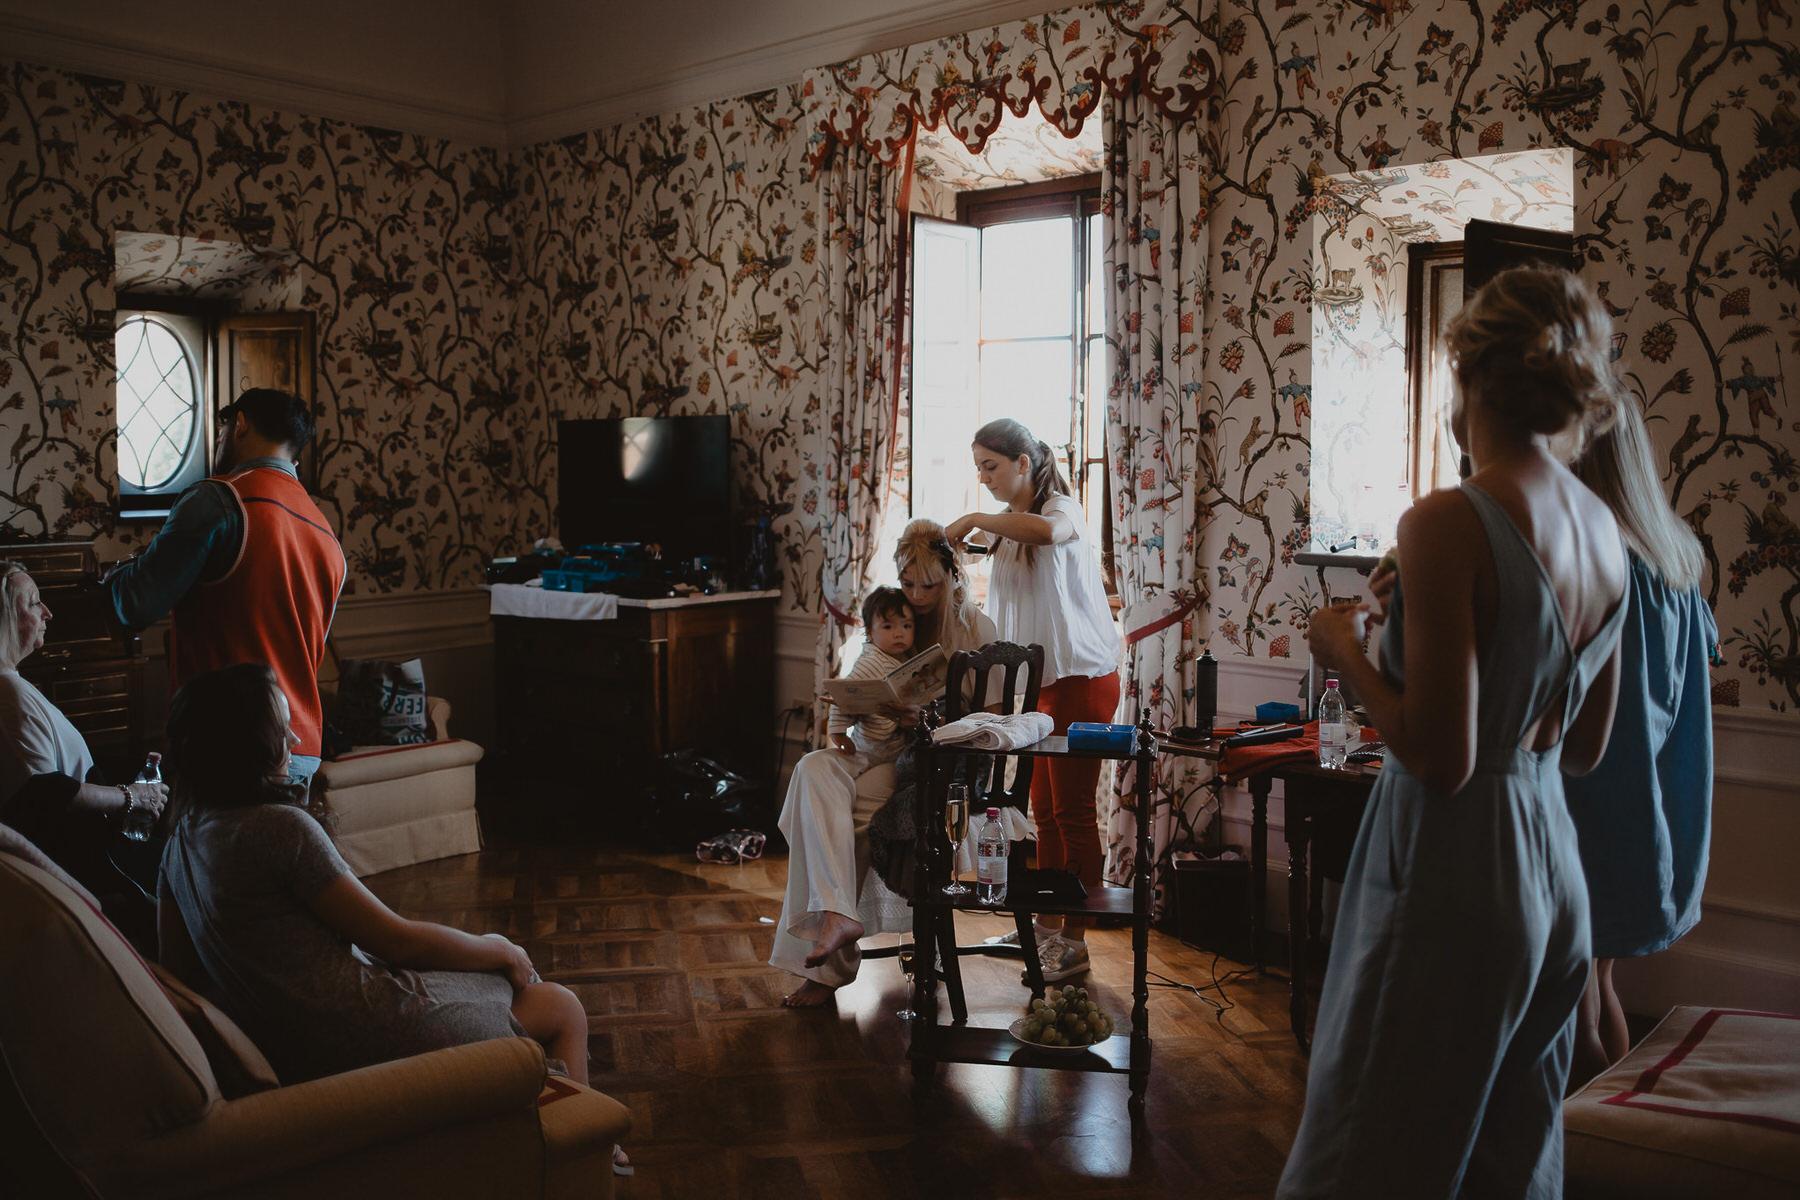 fotógrafos de bodas beto Perez girona, boda en Il Borro, tosacana Italia, casarse en una villa italiana, boda en florencia, bodas en la toscana, lamparas para cenas, ideas inspiracion de mesas para bodas, fotógrafo de bodas en Costa Brava